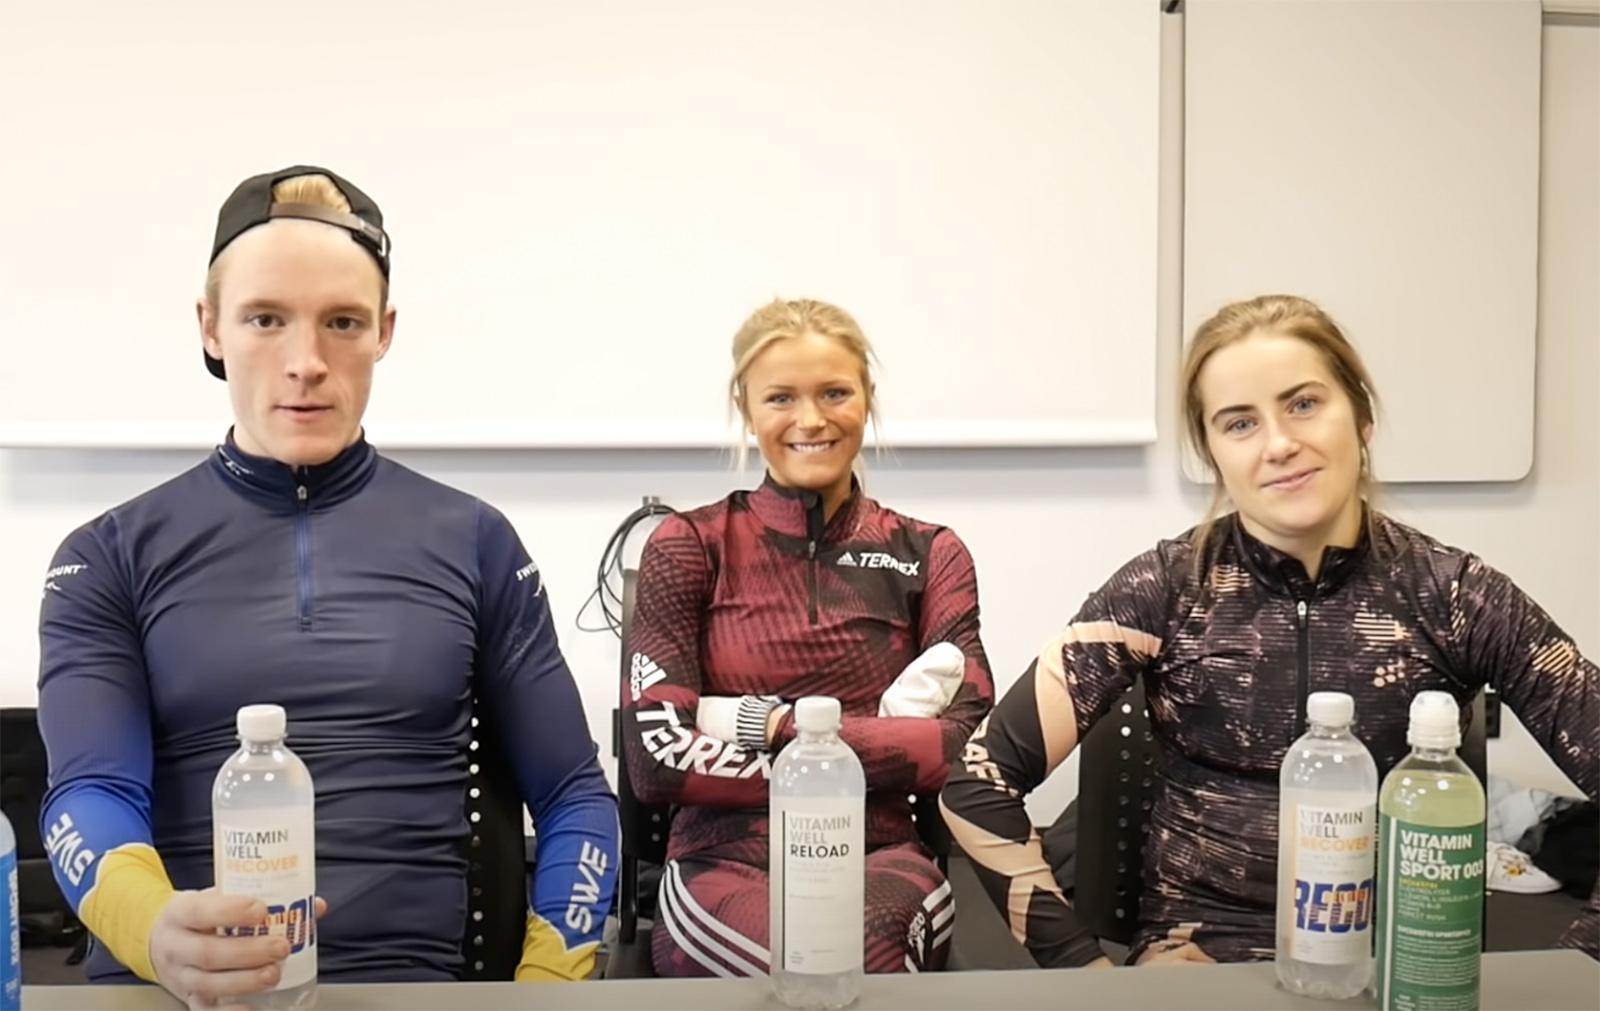 Vem är värst? Frida Karlsson, Sebastian Samuelsson eller Ebba Andersson?